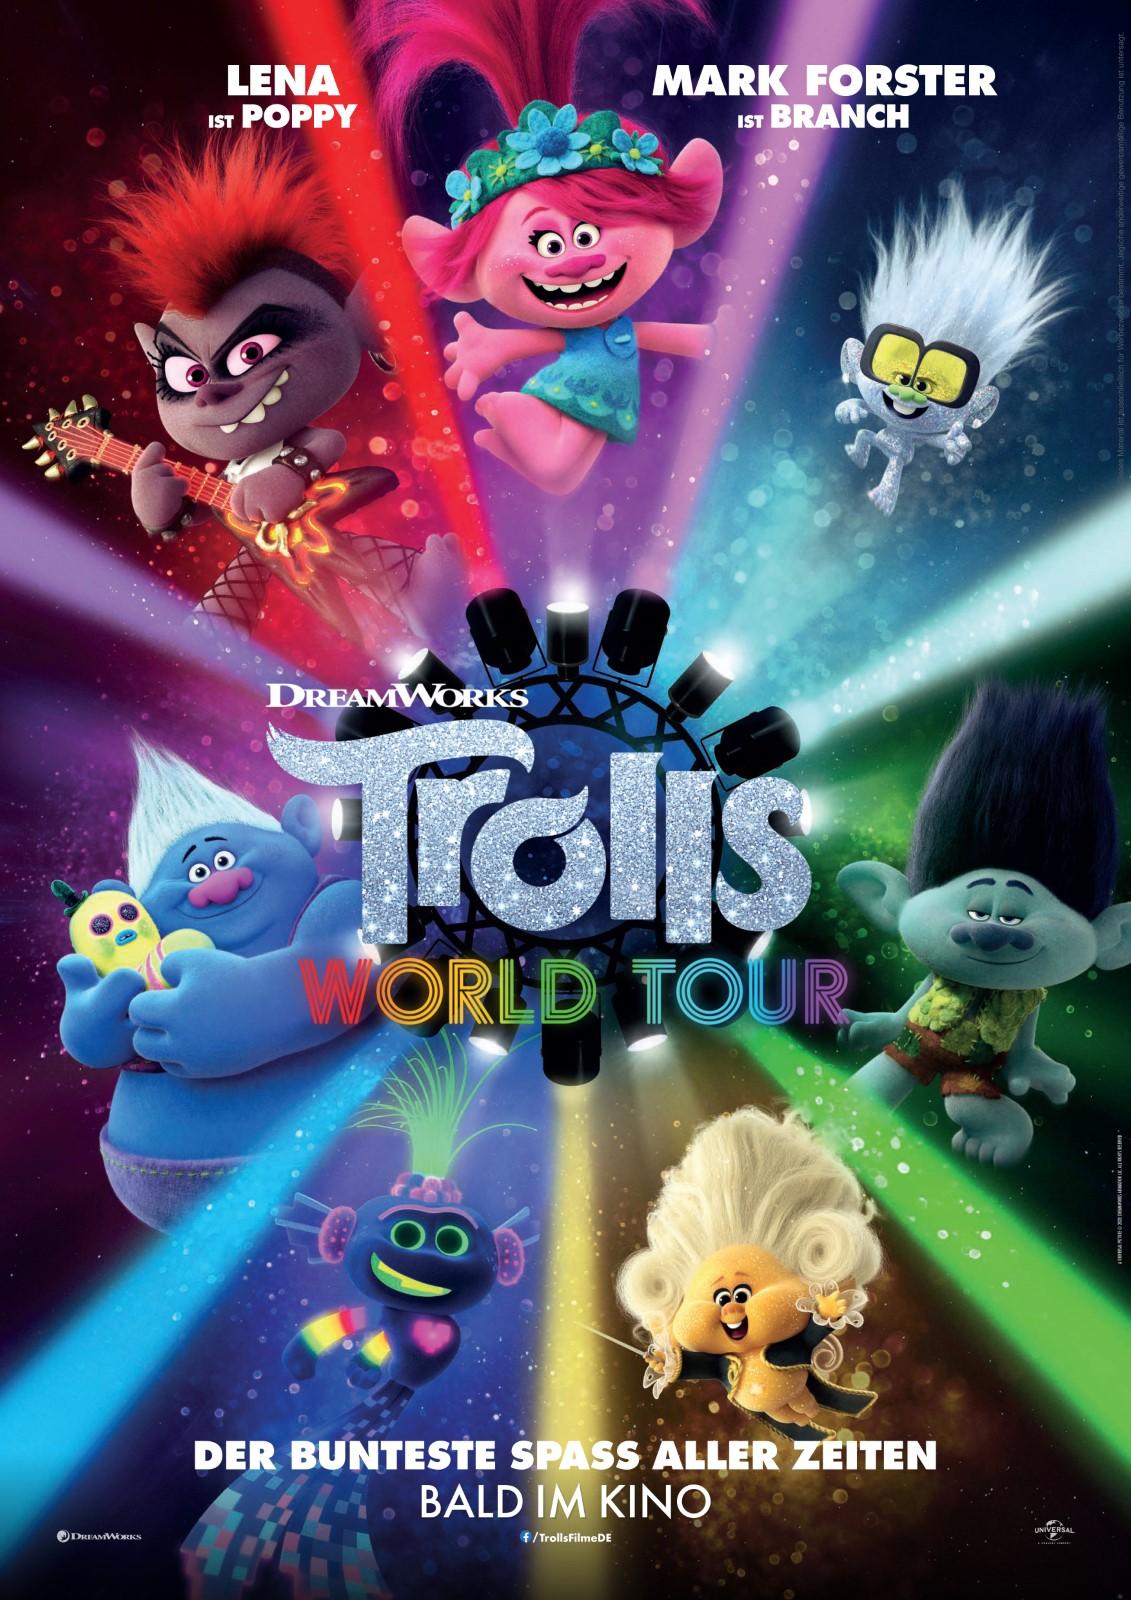 Kritik Zu Trolls 2 Trolls World Tour Der Infinity War Der Musikrichtungen Filmstarts De